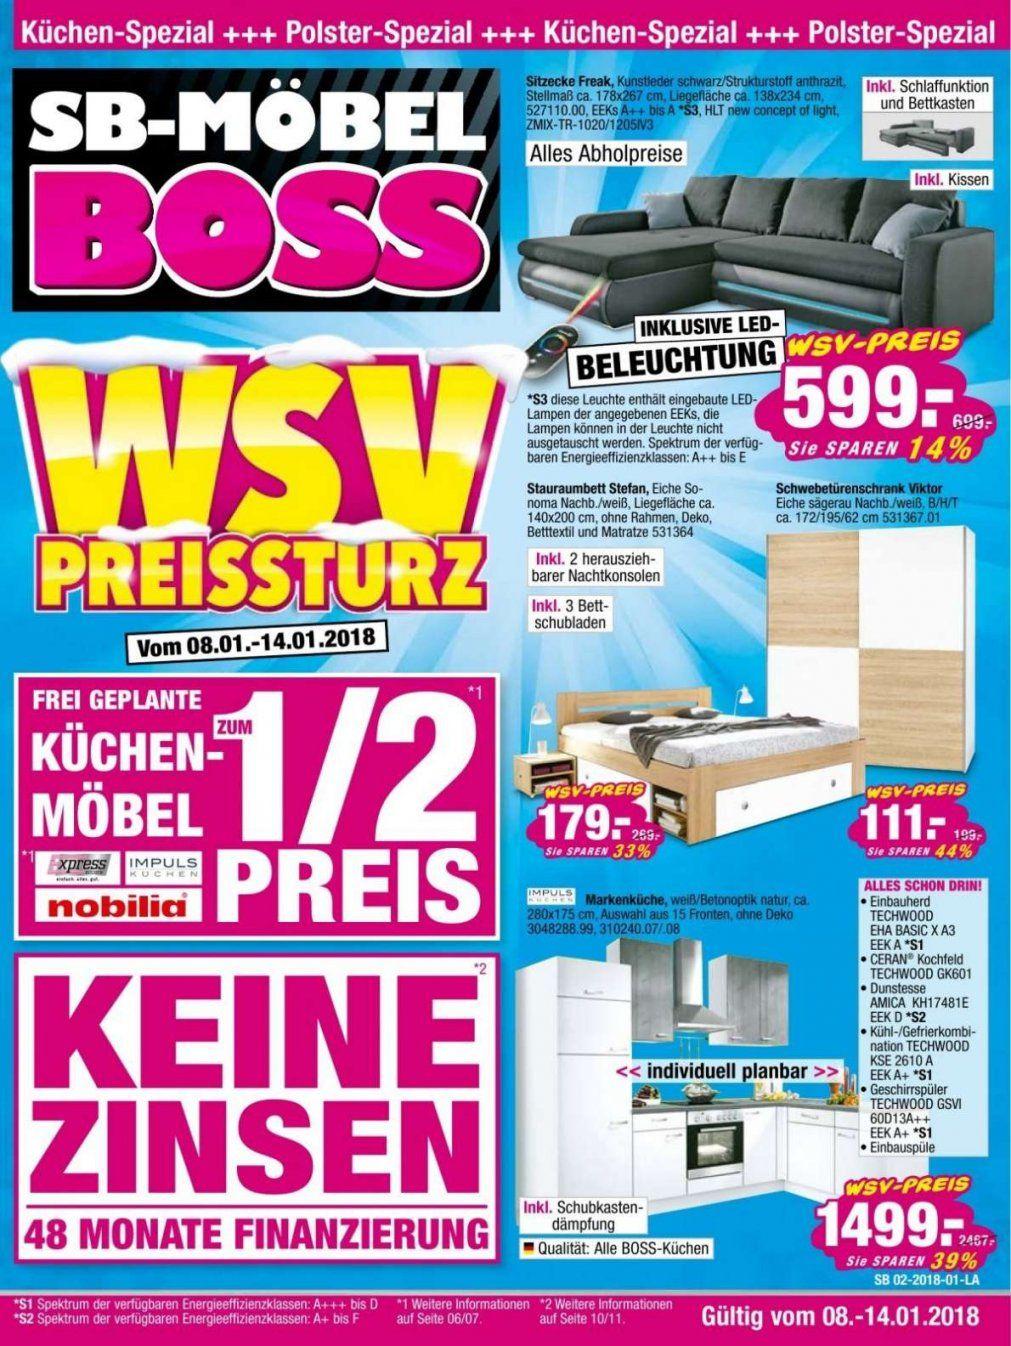 Verkaufsoffener Sonntag Nrw Möbel Möbelhaus Verkaufsoffener